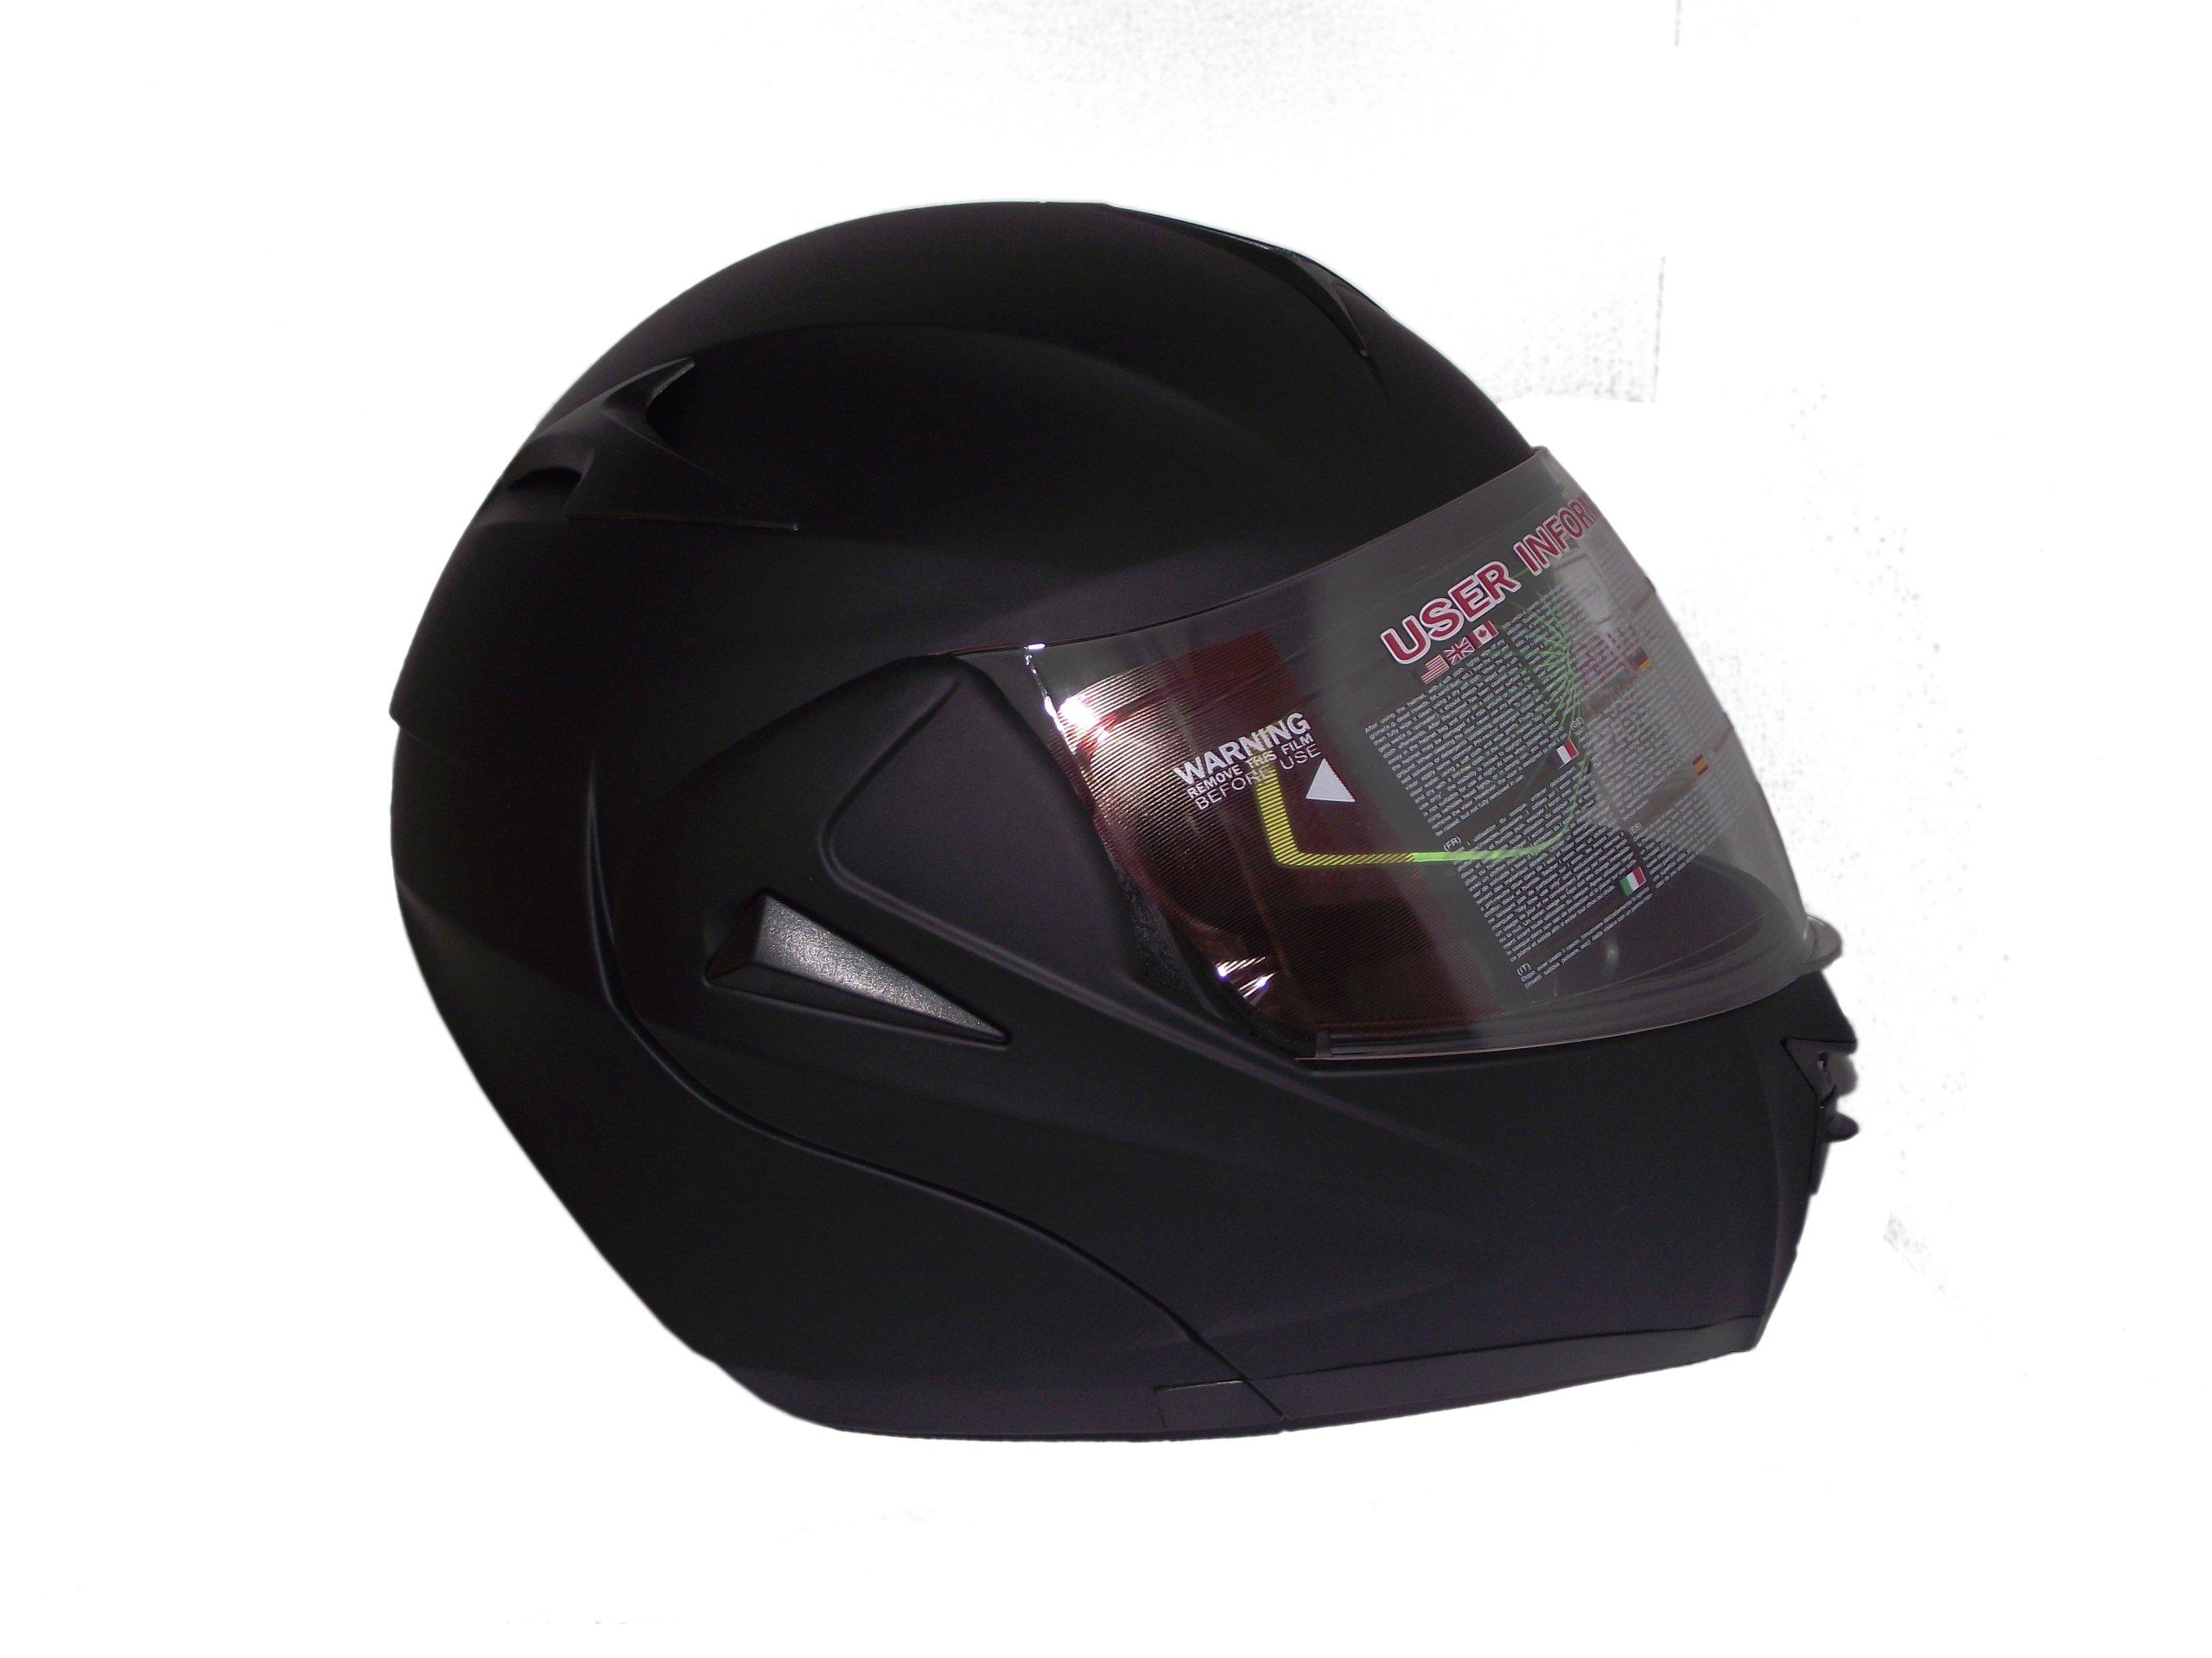 шлем szczękowy с blendą torq s-8 rozm. xs_s_m_l_xl, фото